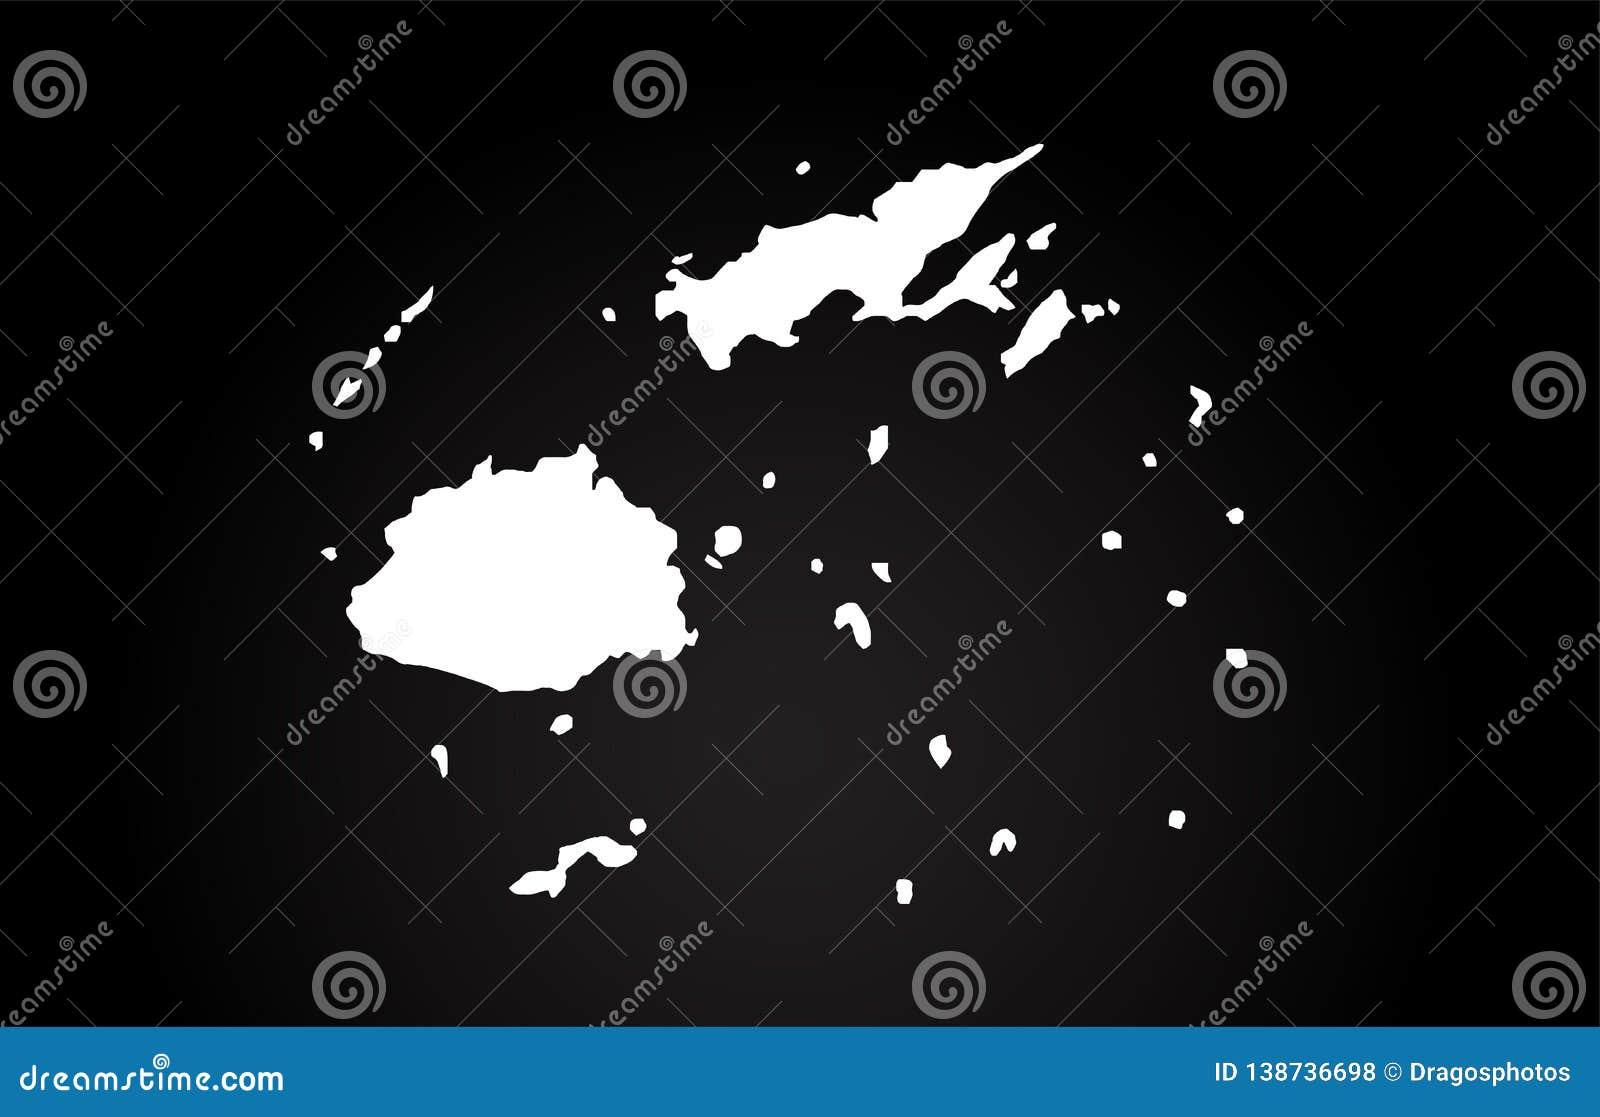 Diseno Blanco Y Negro Del Logotipo Del Mapa De La Frontera